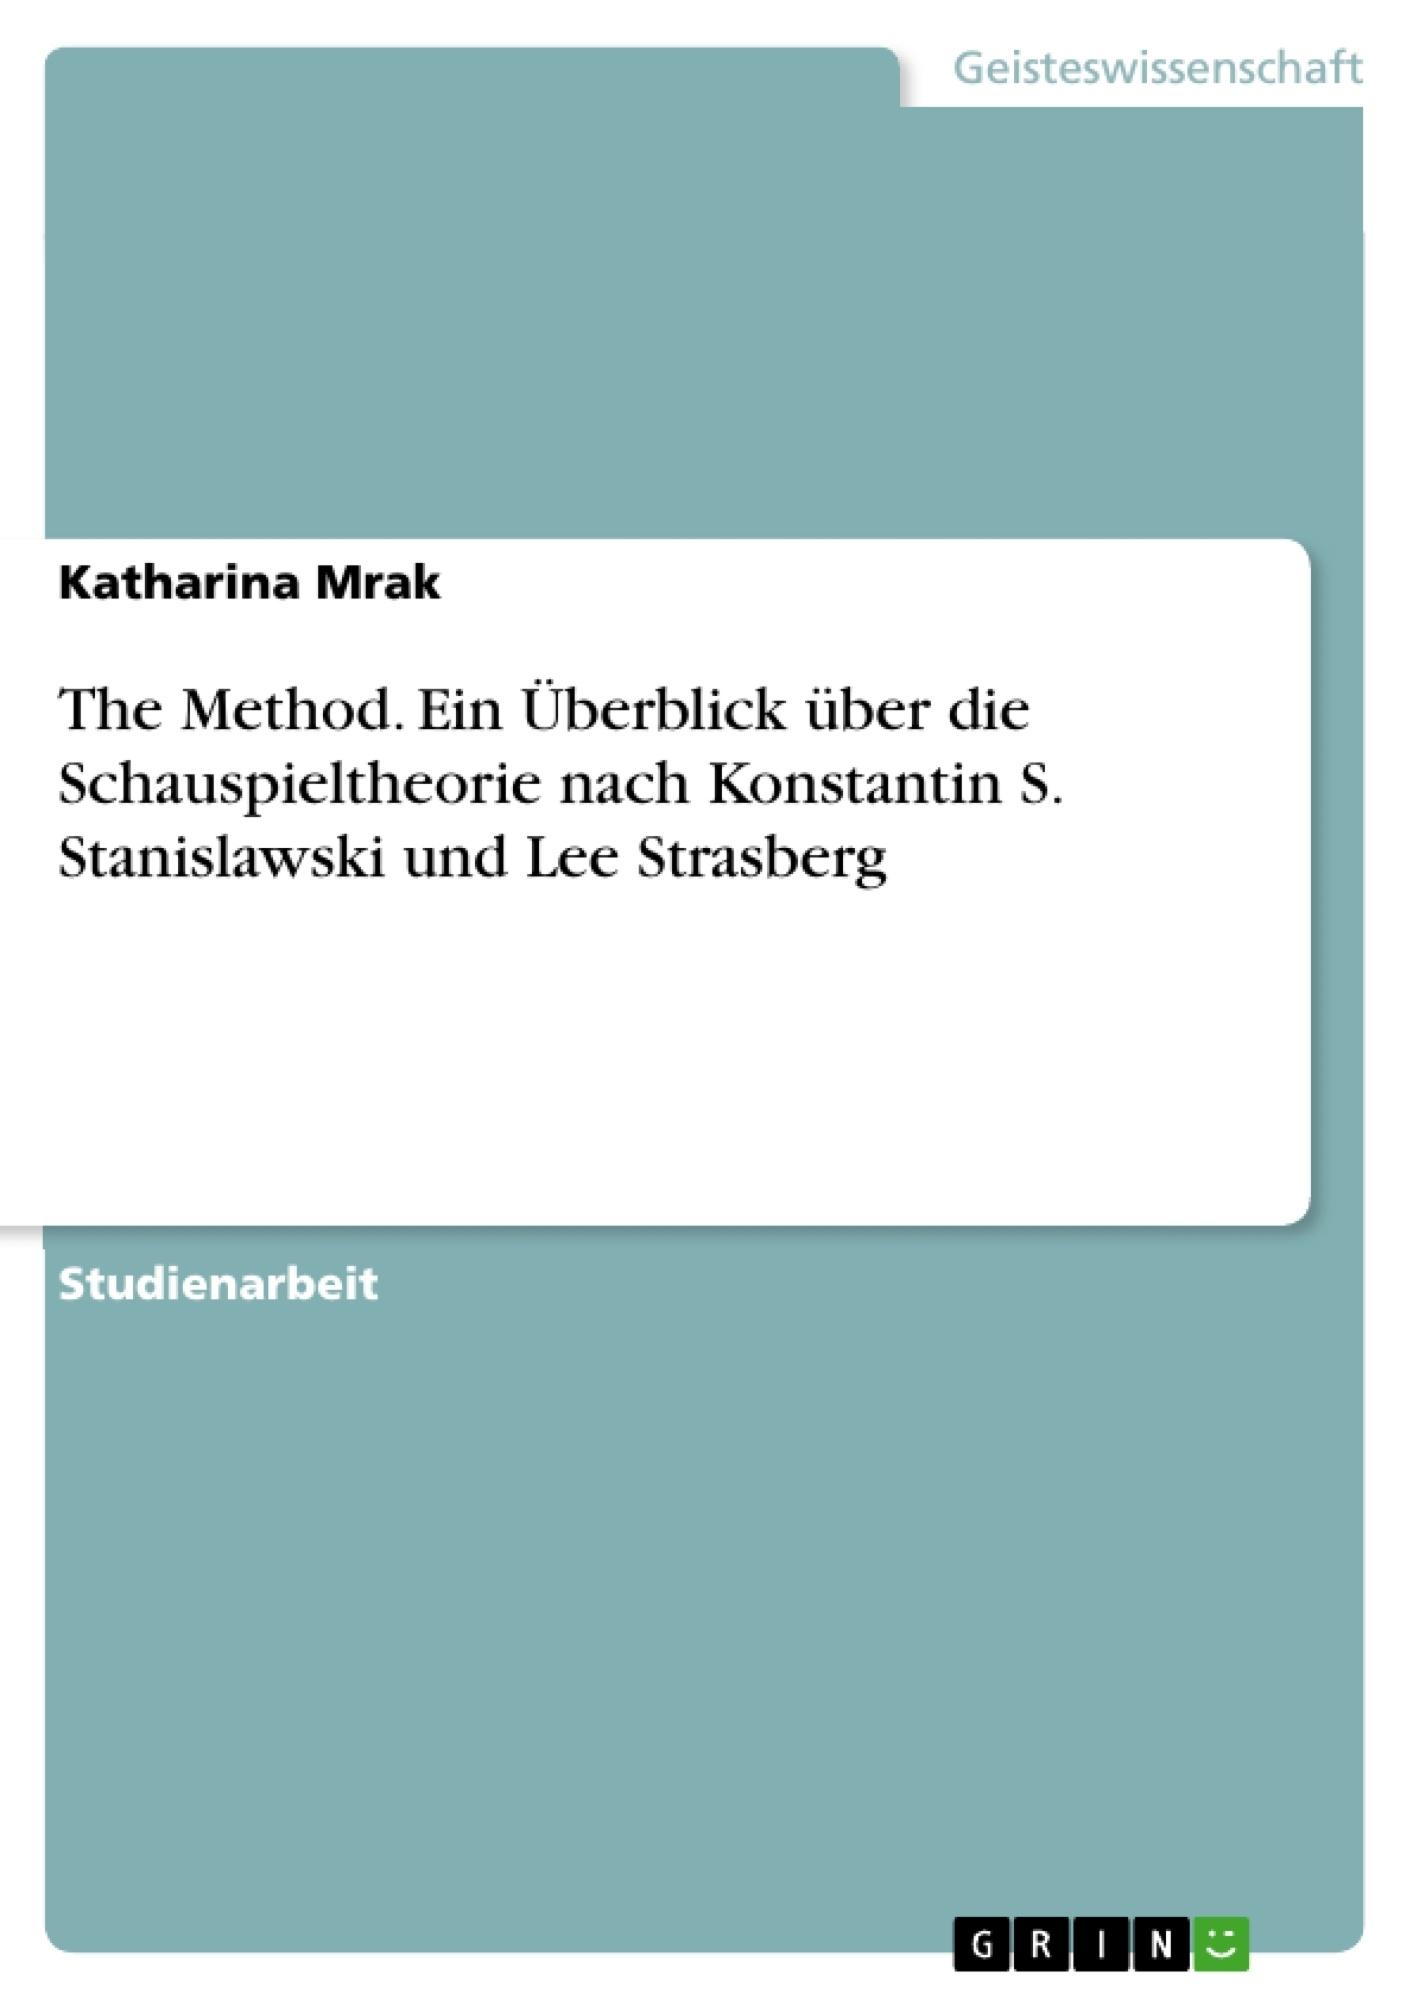 Titel: The Method. Ein Überblick über die Schauspieltheorie nach Konstantin S. Stanislawski und Lee Strasberg